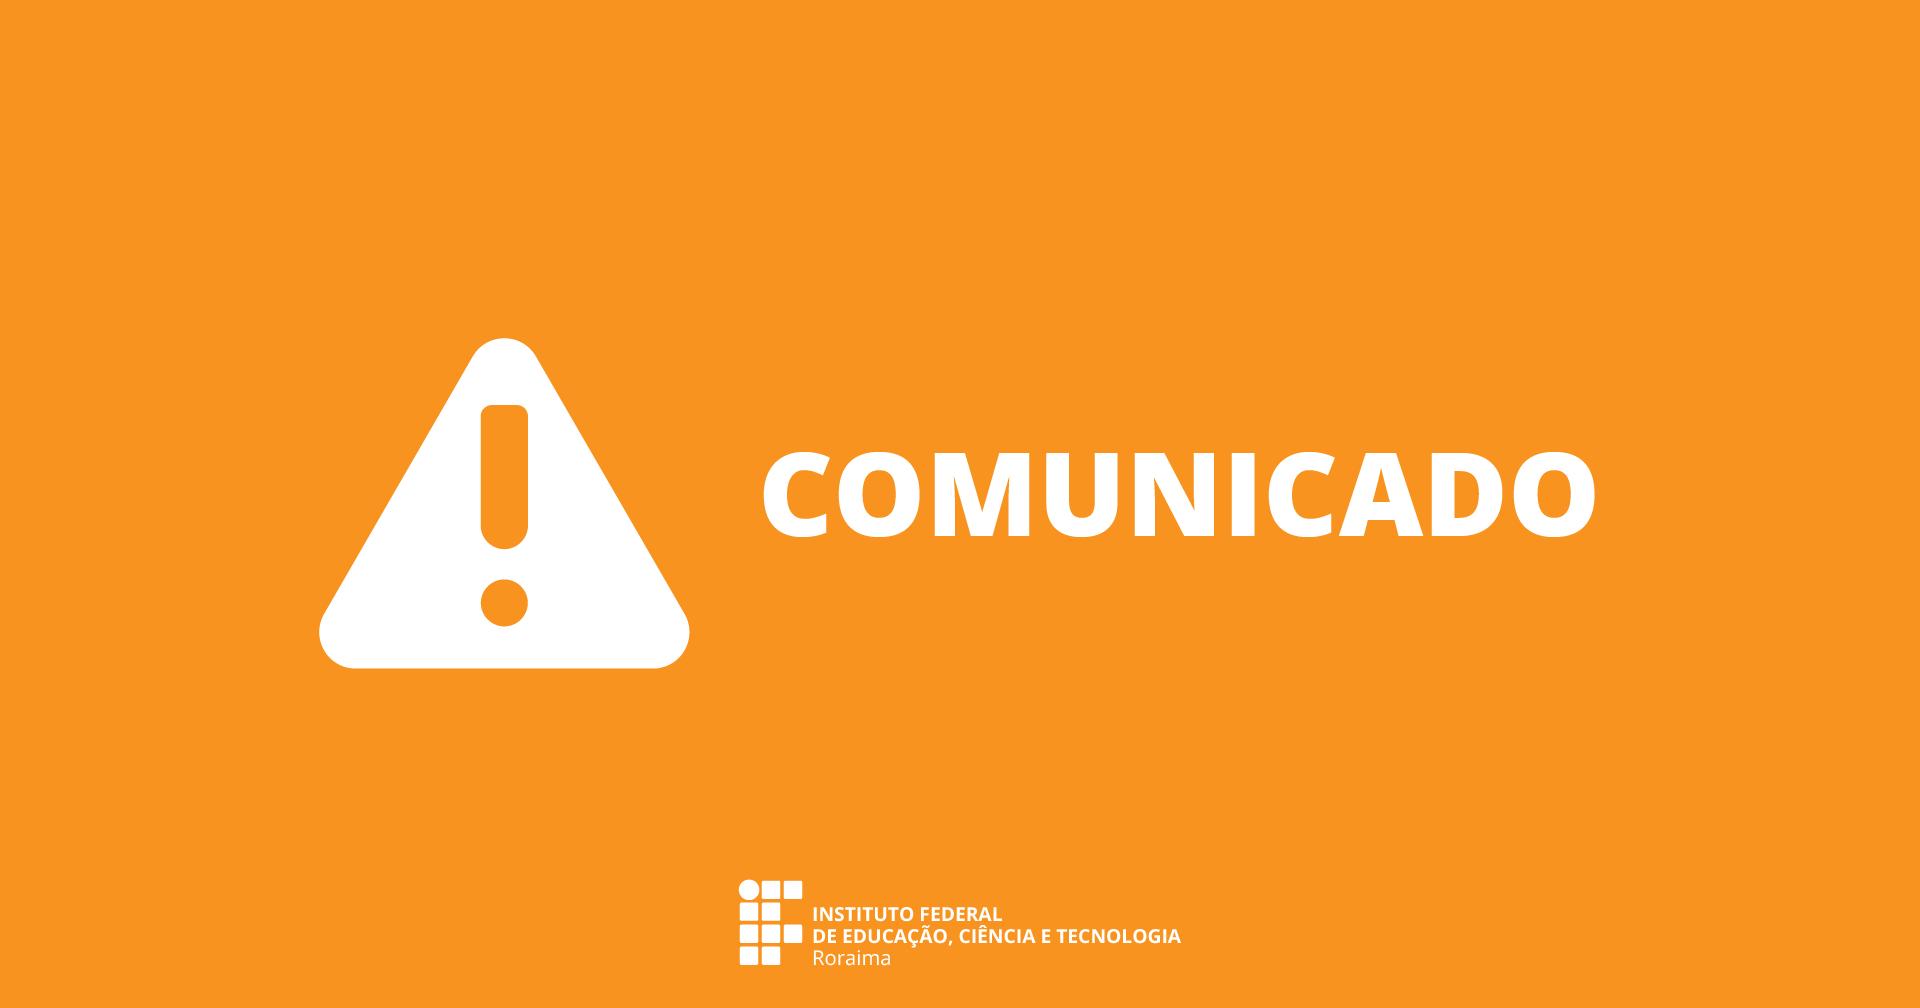 Devido à manutenção de rede elétrica, o Campus Avançado Bonfim suspende o expediente da tarde nesta sexta, 14